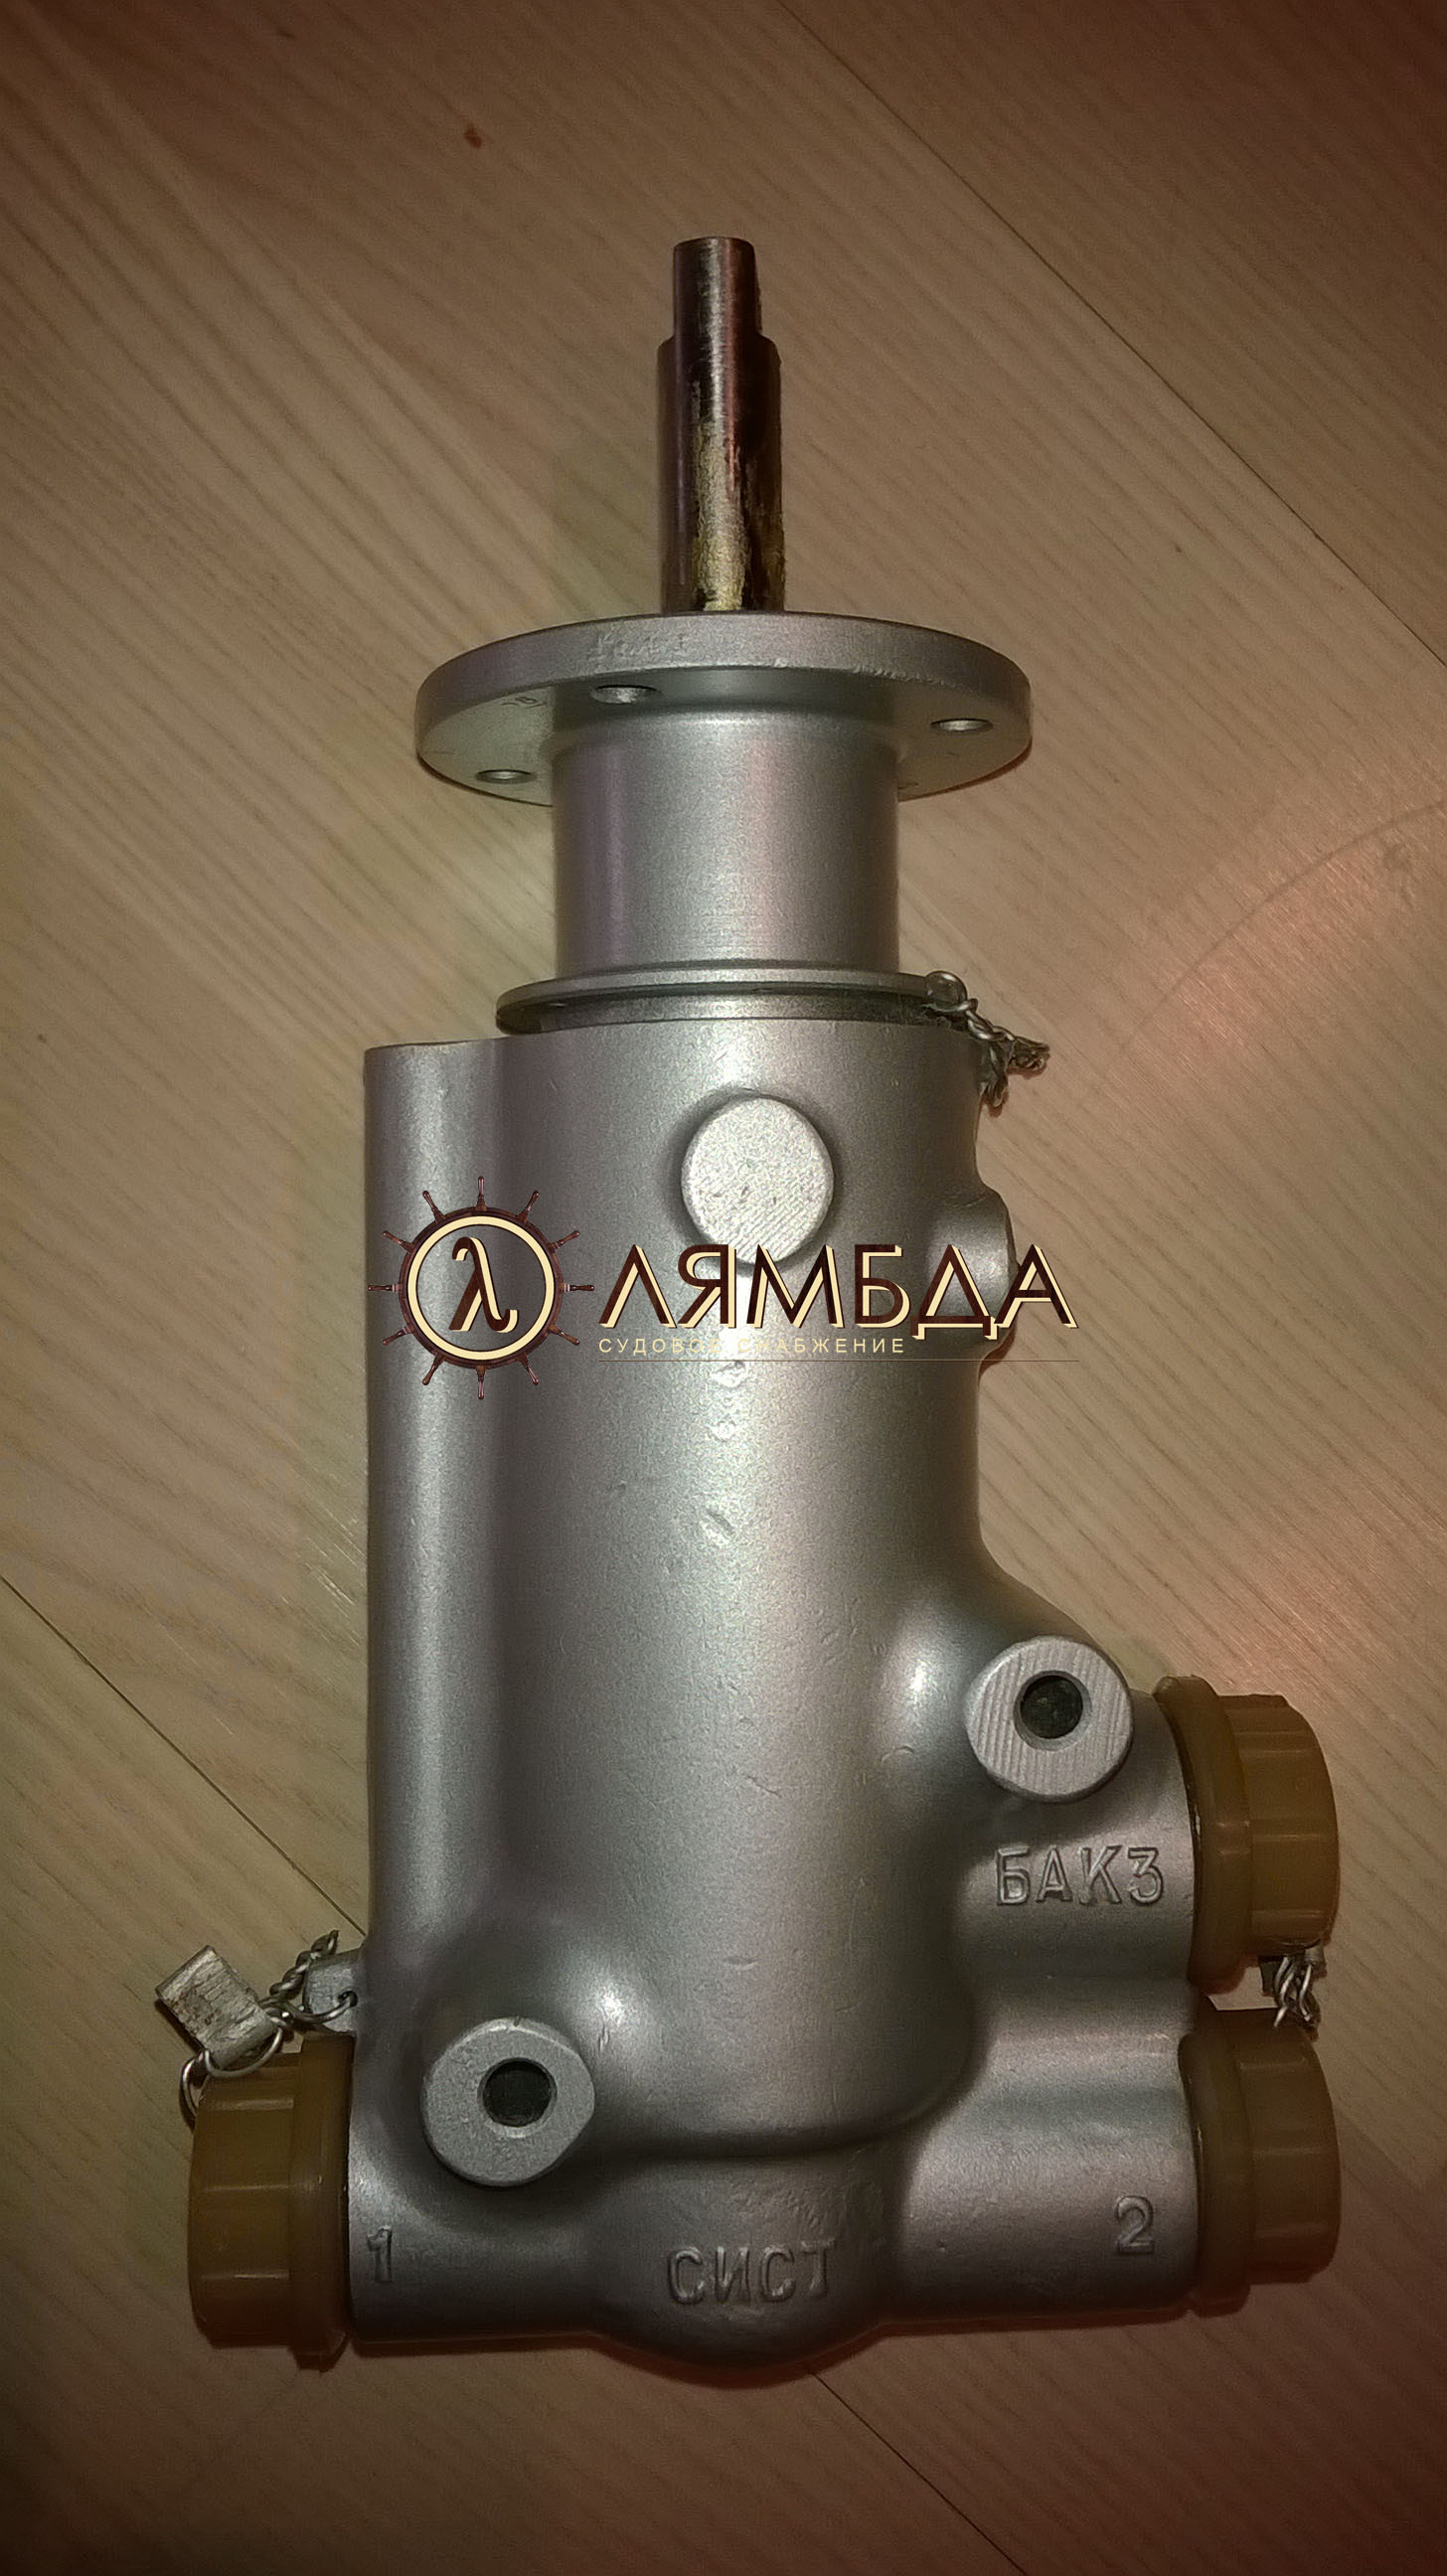 Драгметал термоизвещатель трв-2